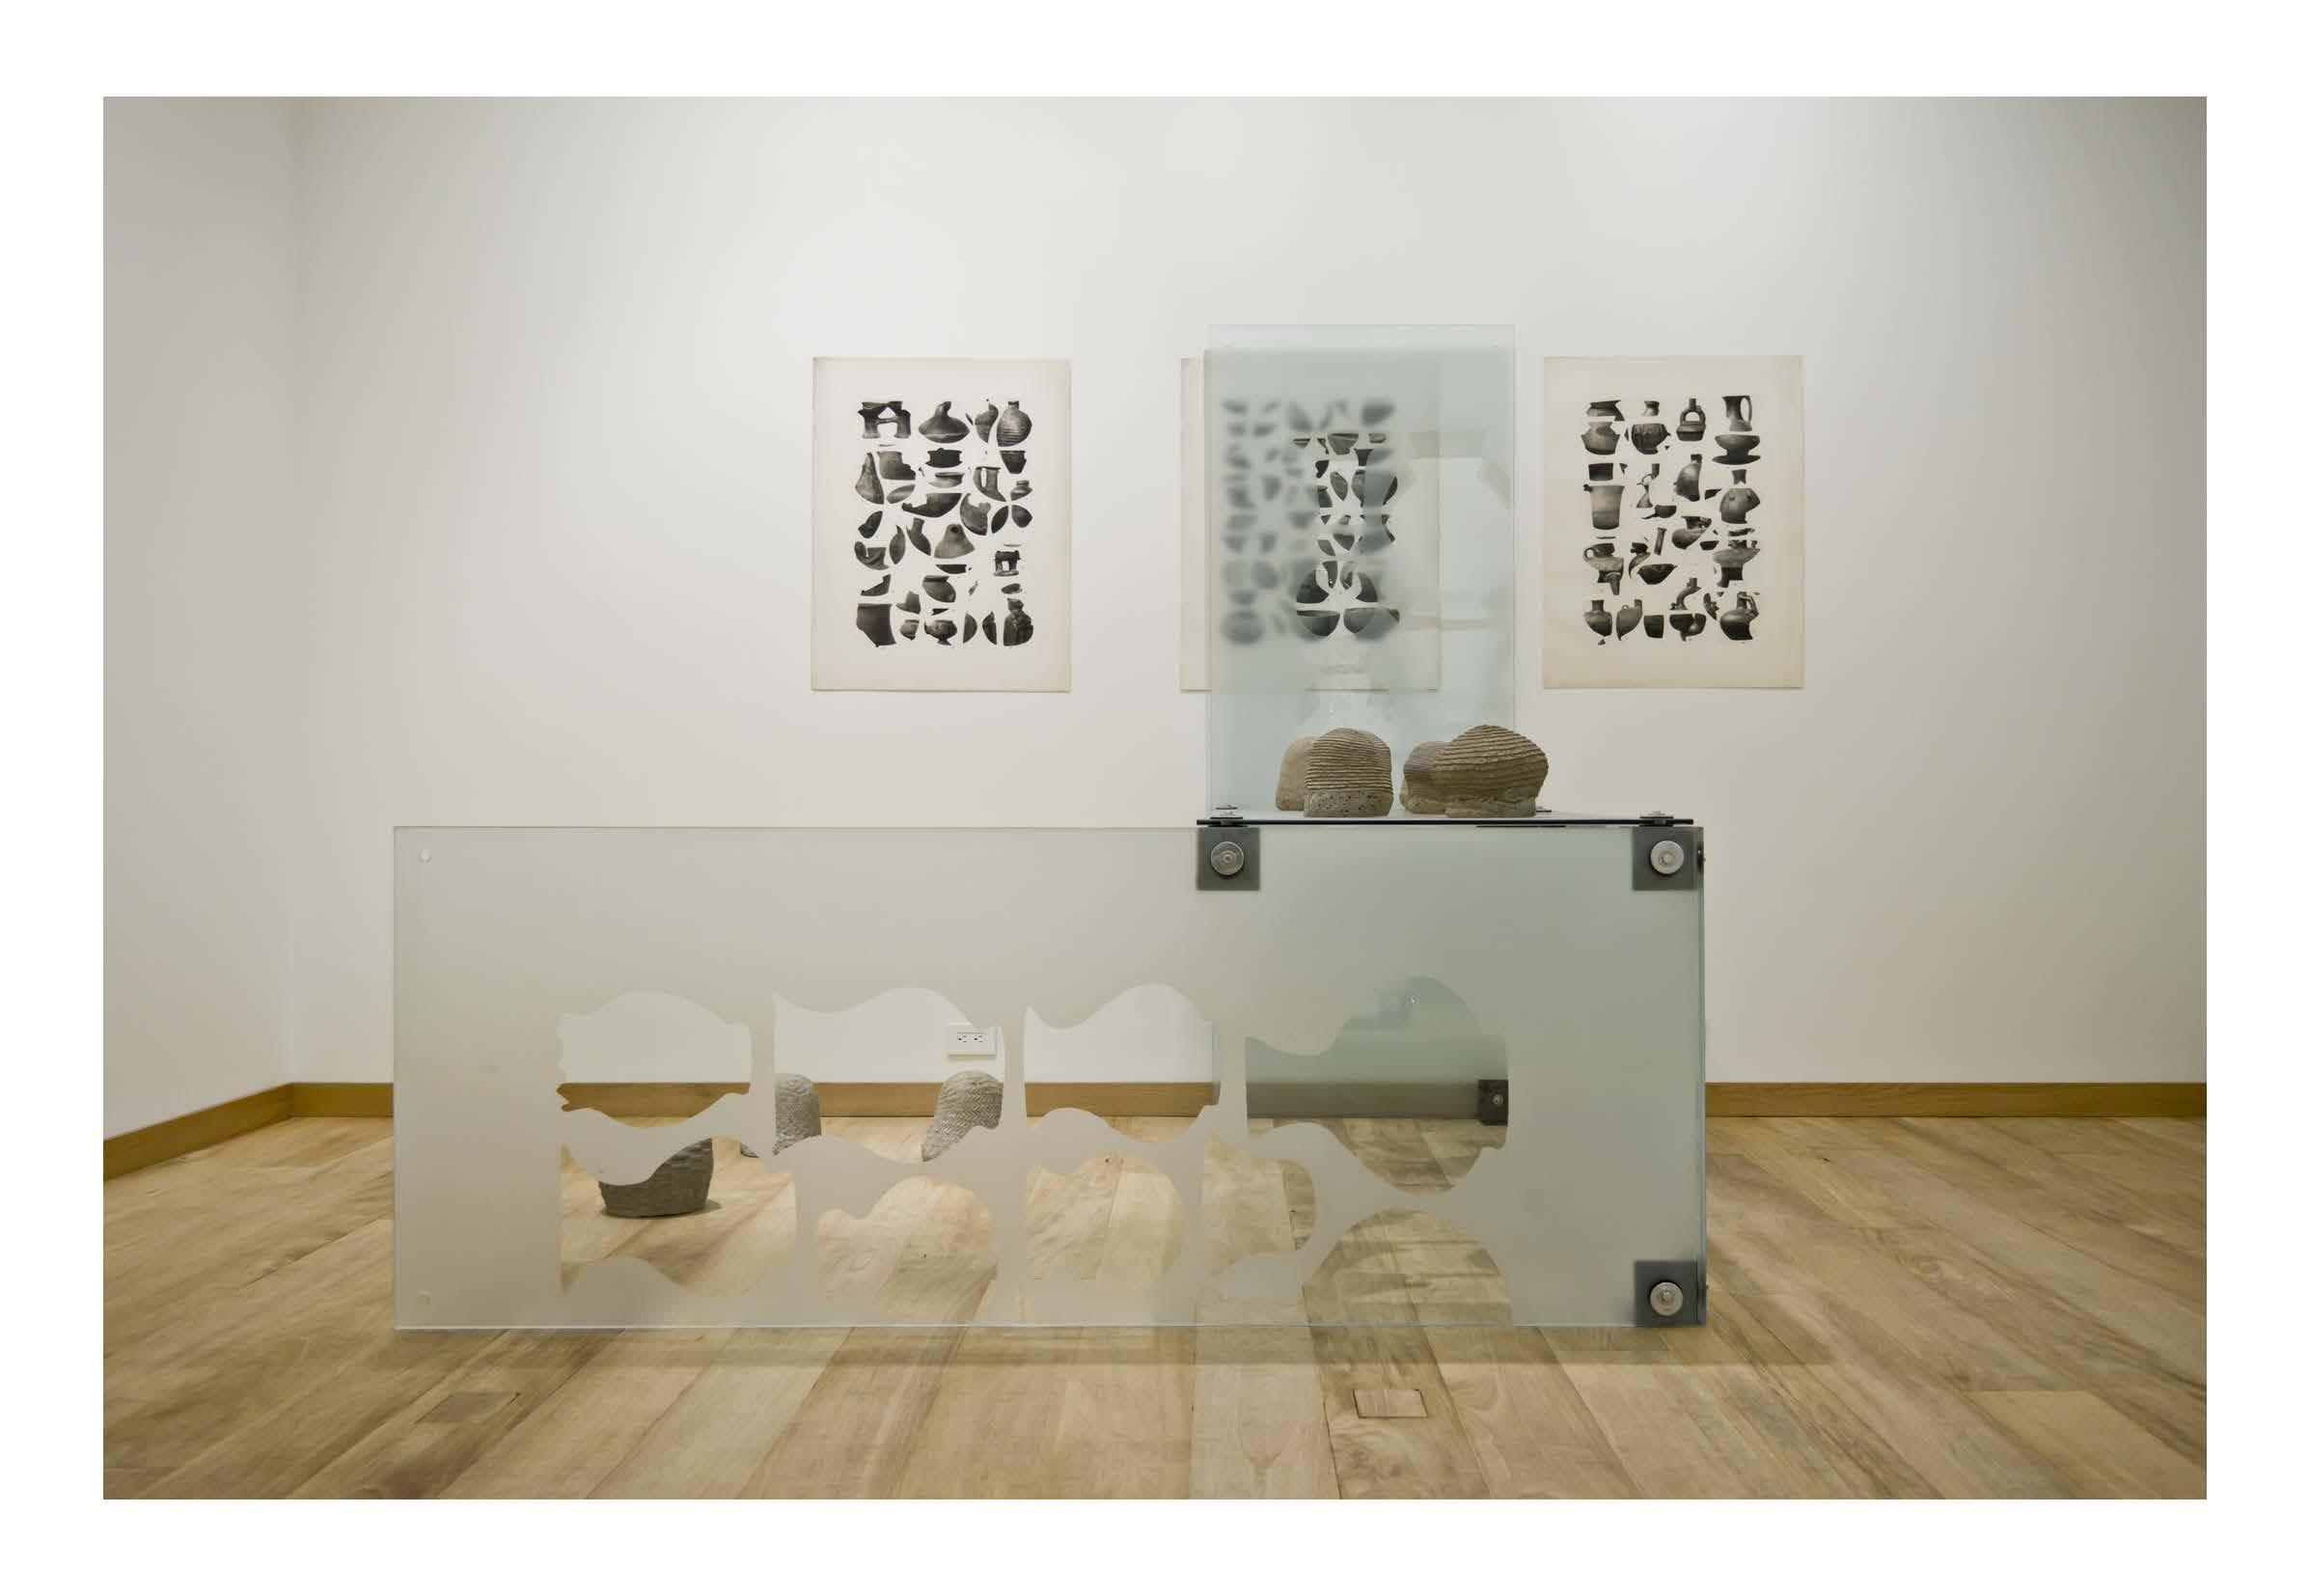 Installation view: Problemas de Estilo y Vasijas de Barro, 2016. Museo de Arte Precolombino Casa del Alabado Quito, Ecuador |  | ProjecteSD